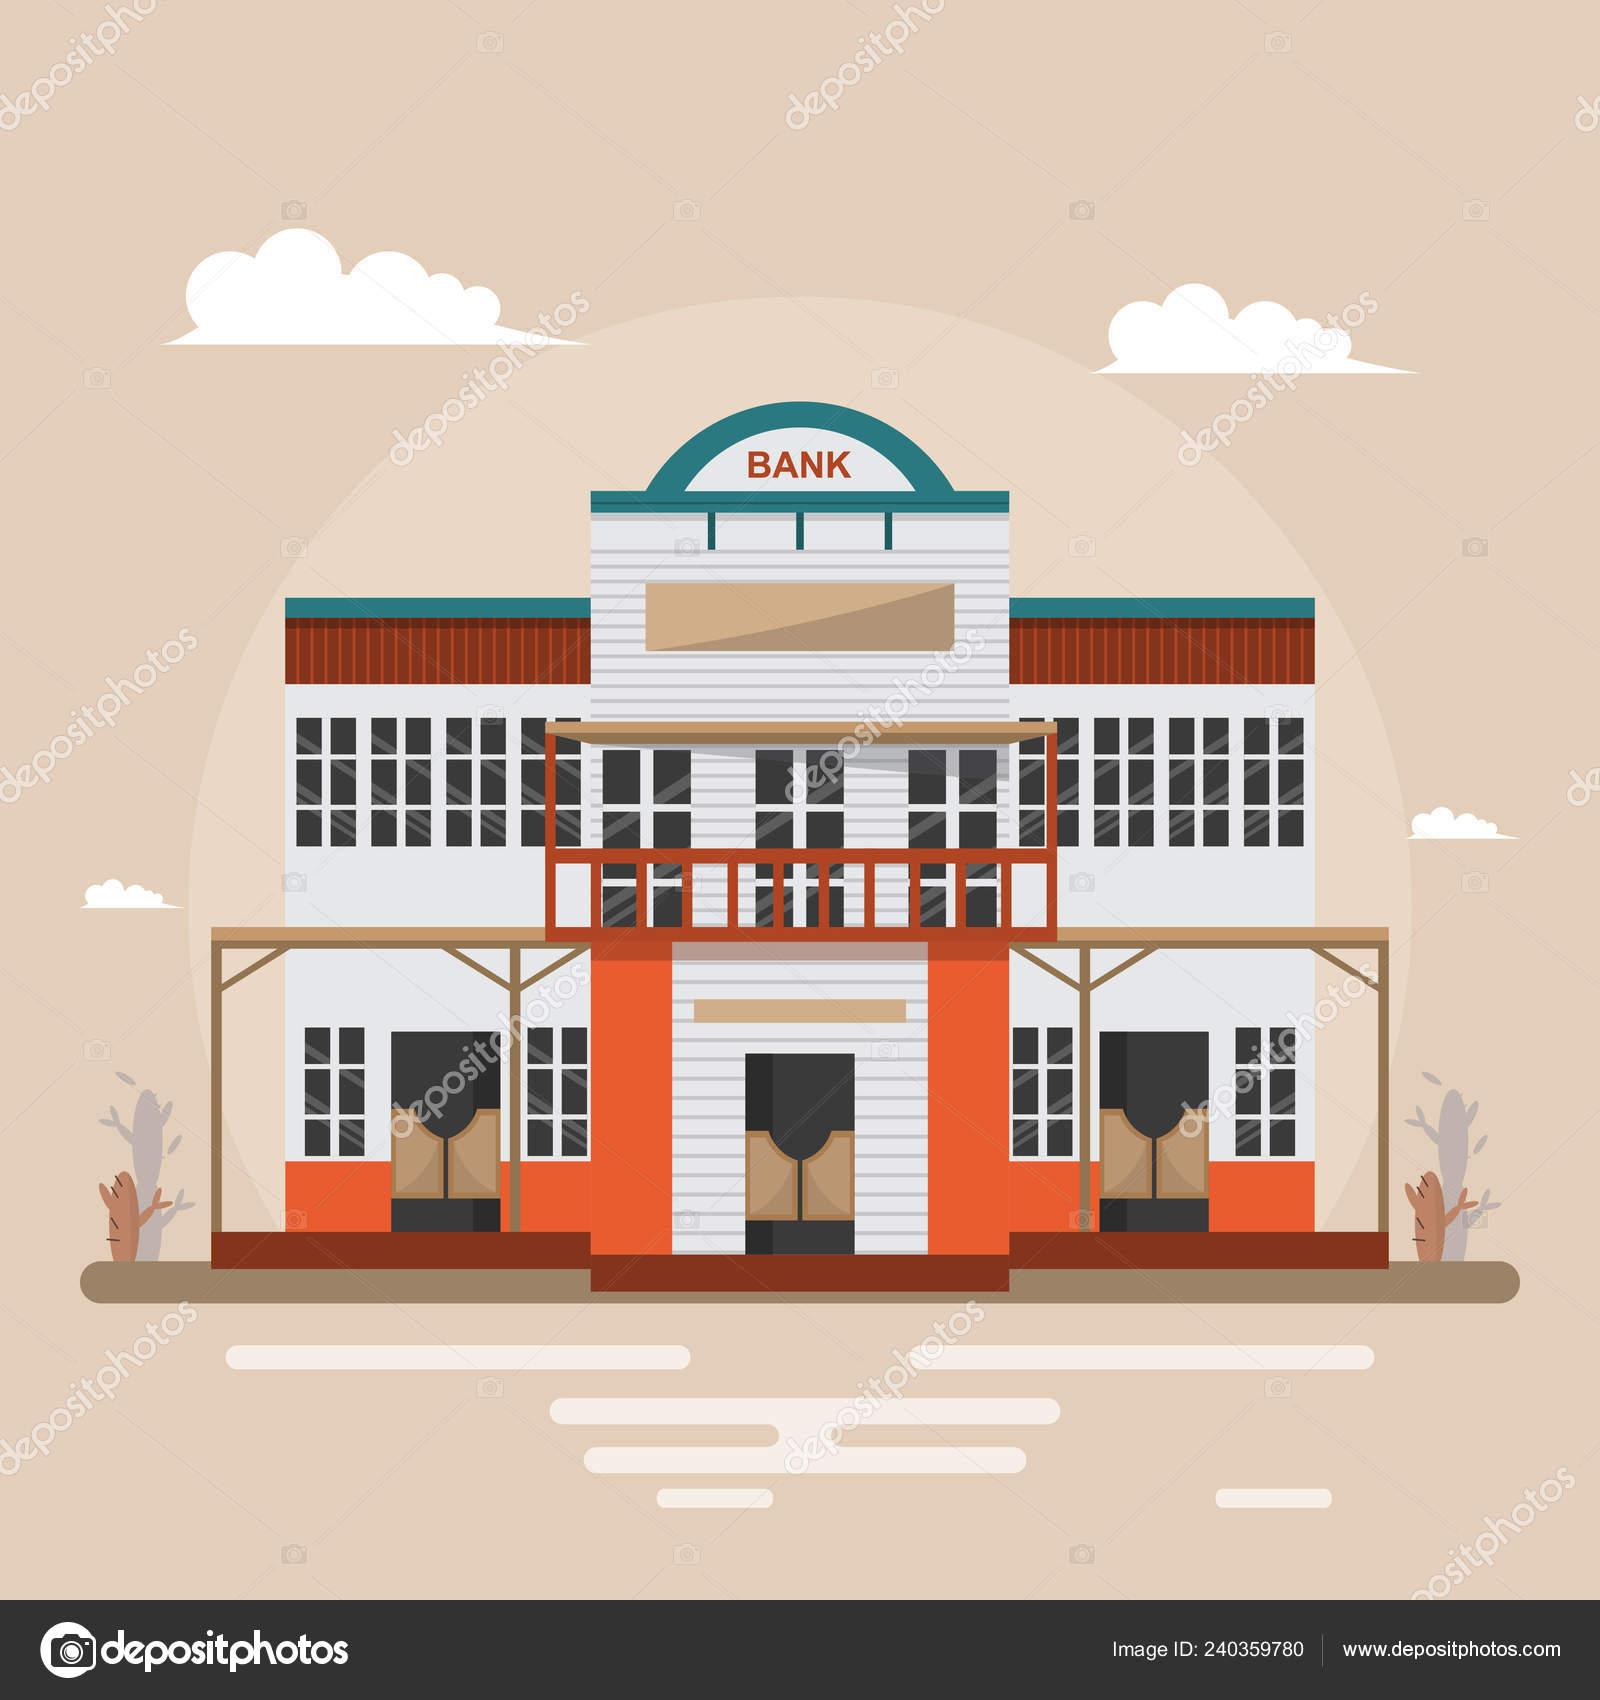 Design Vintage Bank.Bank Western Town Brown Background Building Design Vintage